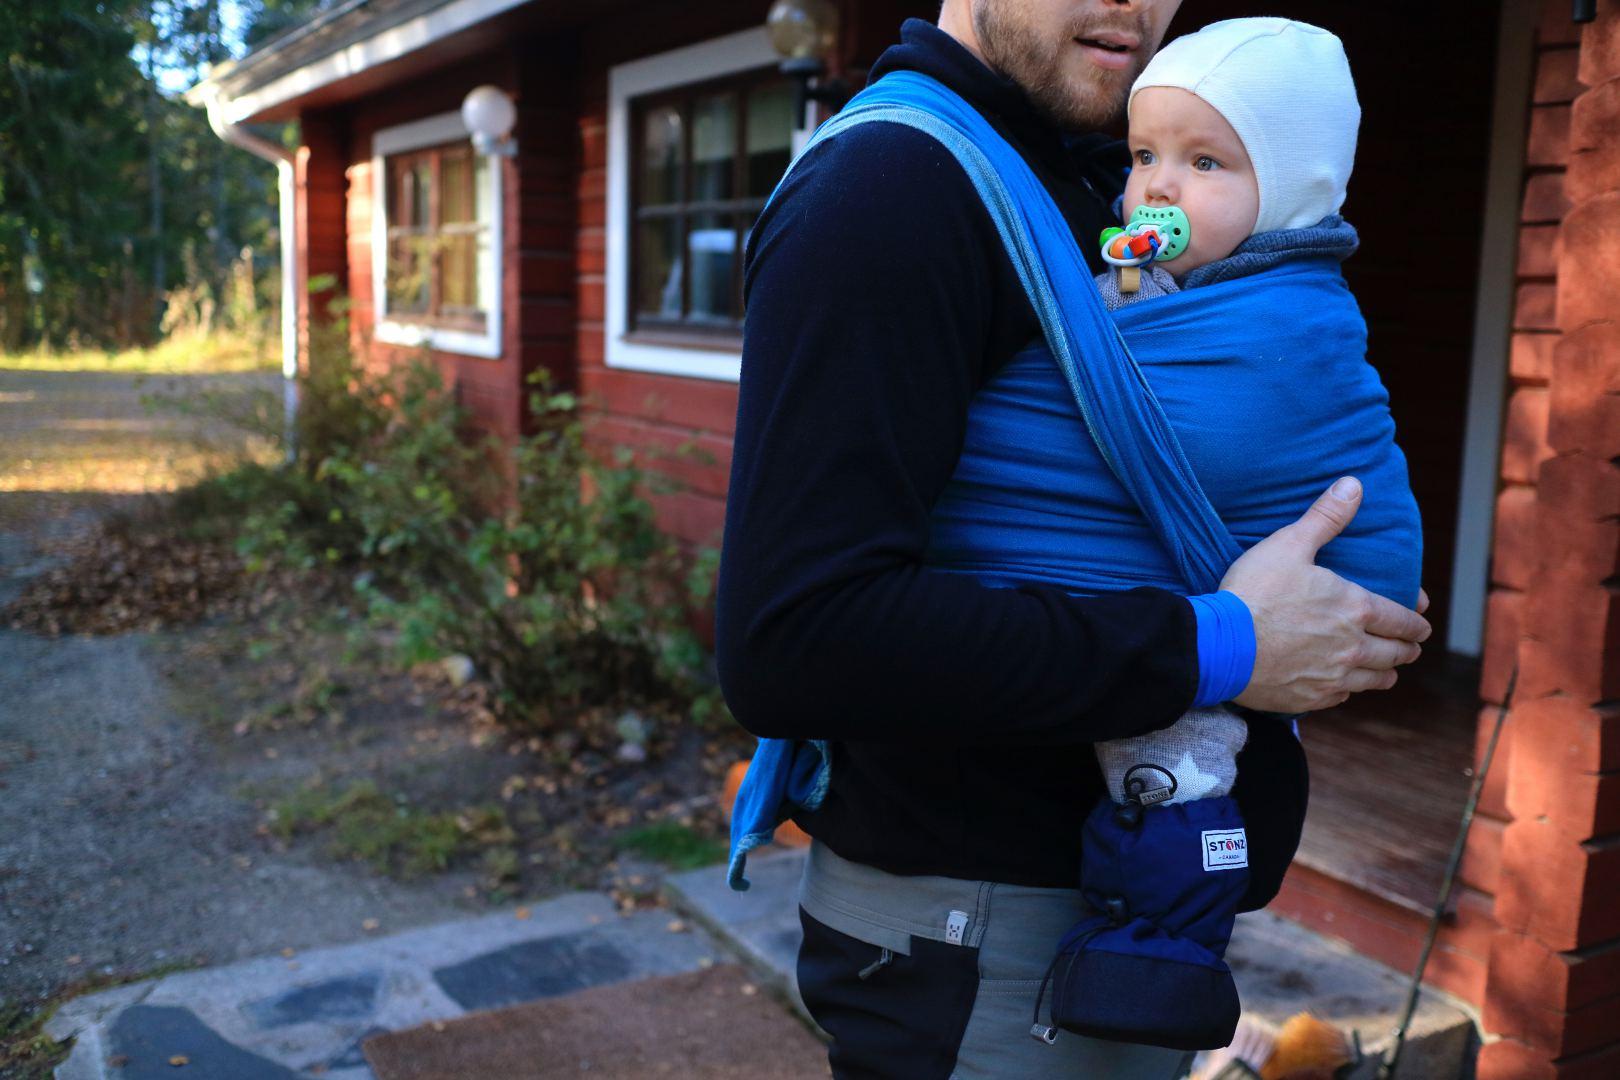 Isä 36 v. (lapsi 2,5 kk) Leikkipuiston vauvaperhetoiminnasta ajattelin, että siellä on taas joku luento asioista.